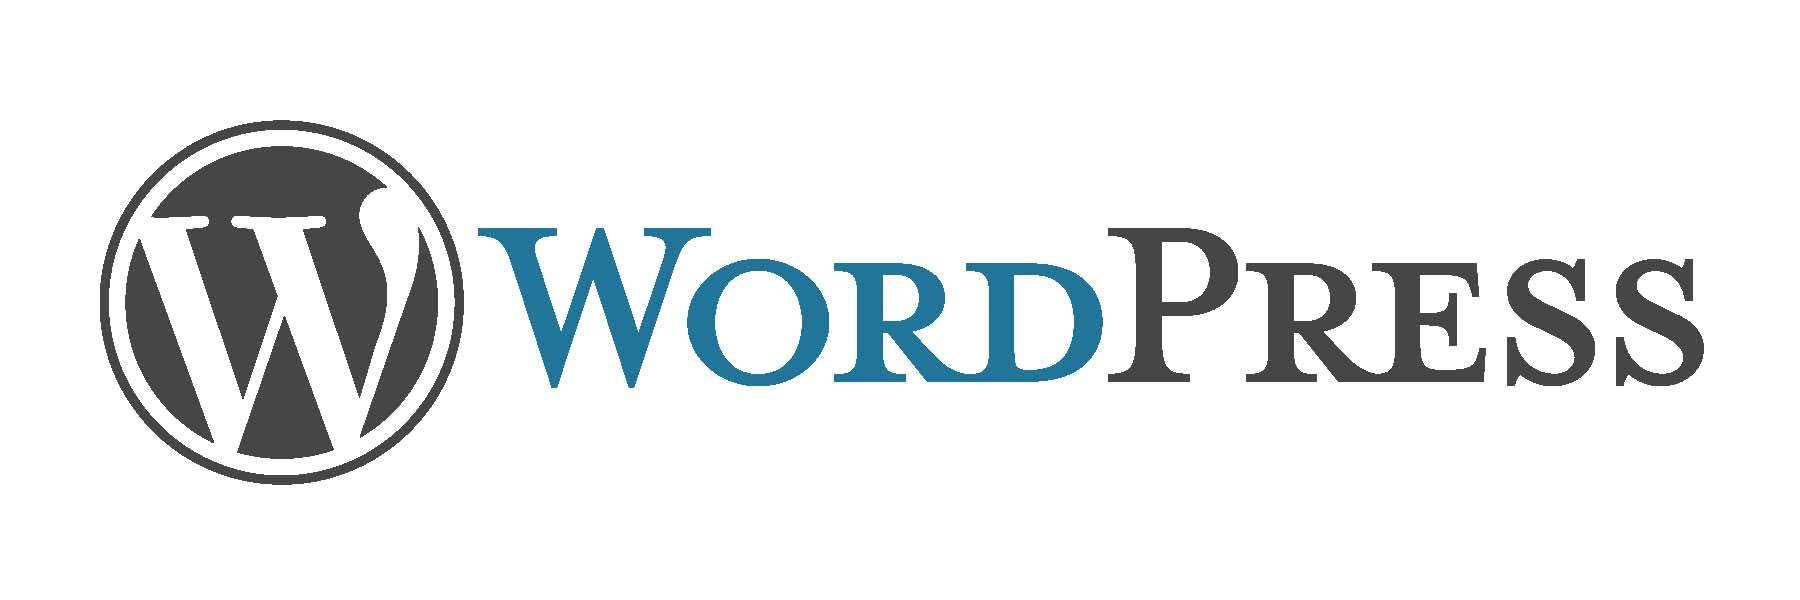 Wordpress development by WebSensePro